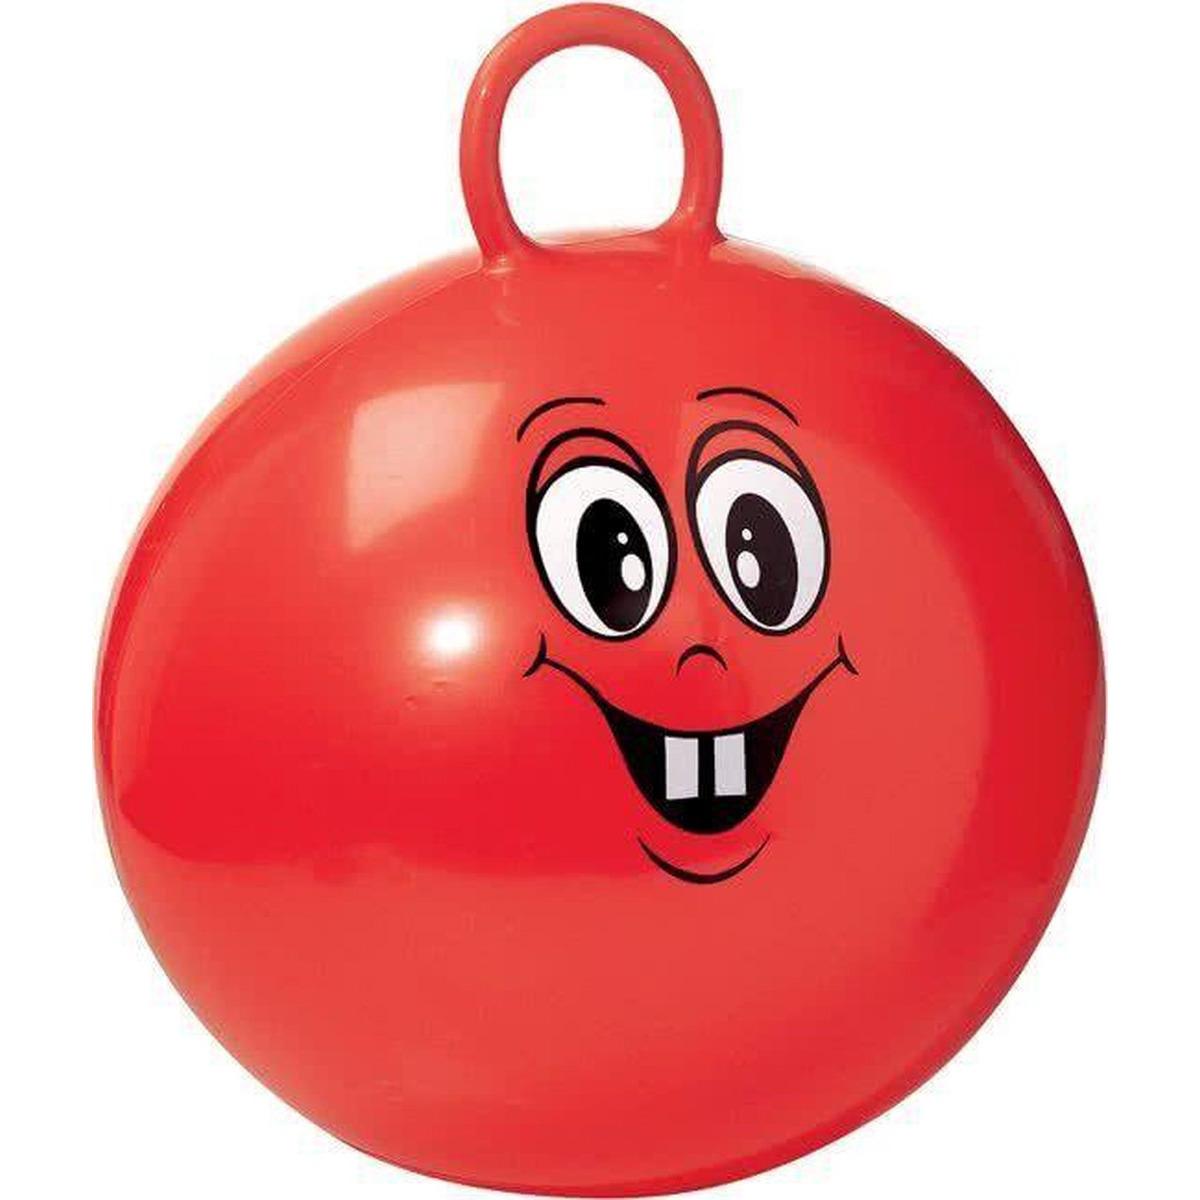 Skippybal met gezicht 50 cm